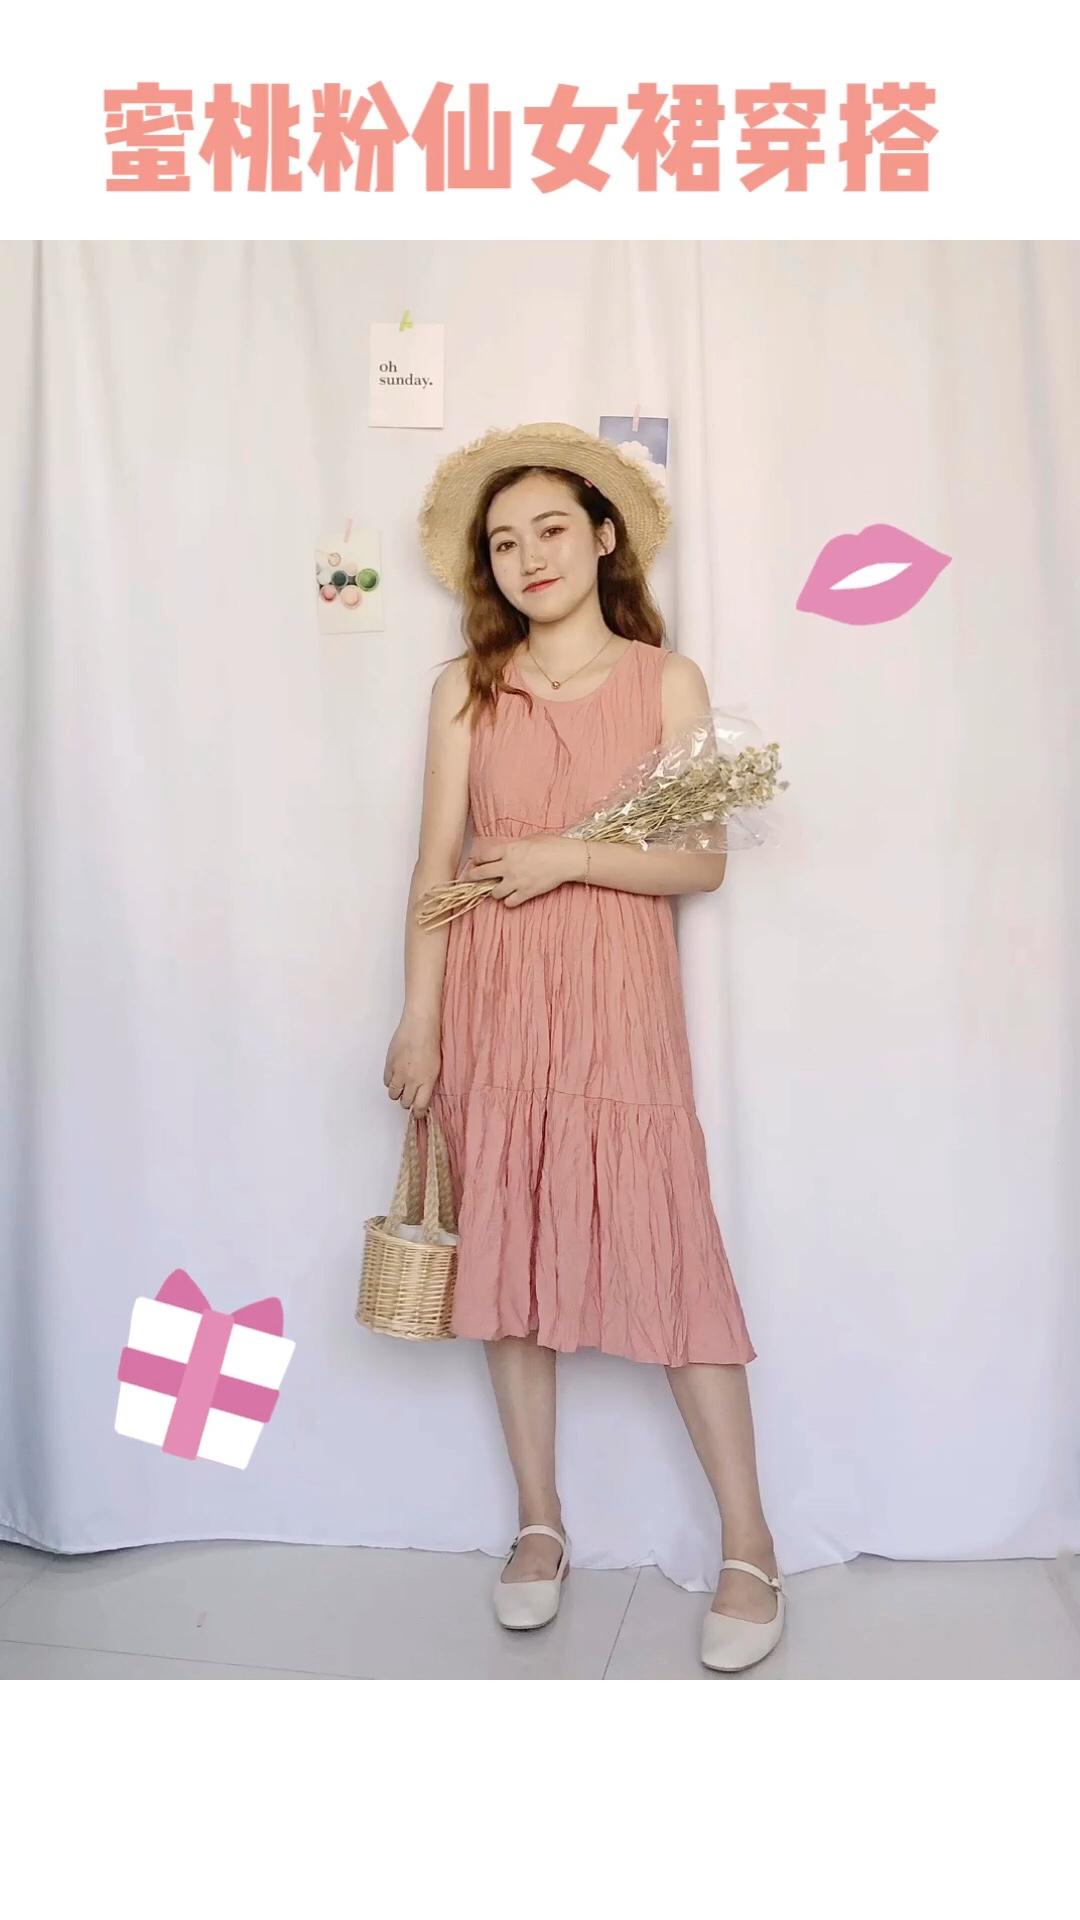 #据说长得好看的女生都穿温柔风!# 蜜桃粉褶皱连衣裙 满满的少女心 中长款设计无论是高妹还是小个子都能hold住 搭配针织开衫 西装或者衬衣都很ok 今年夏日一起做粉红女孩~